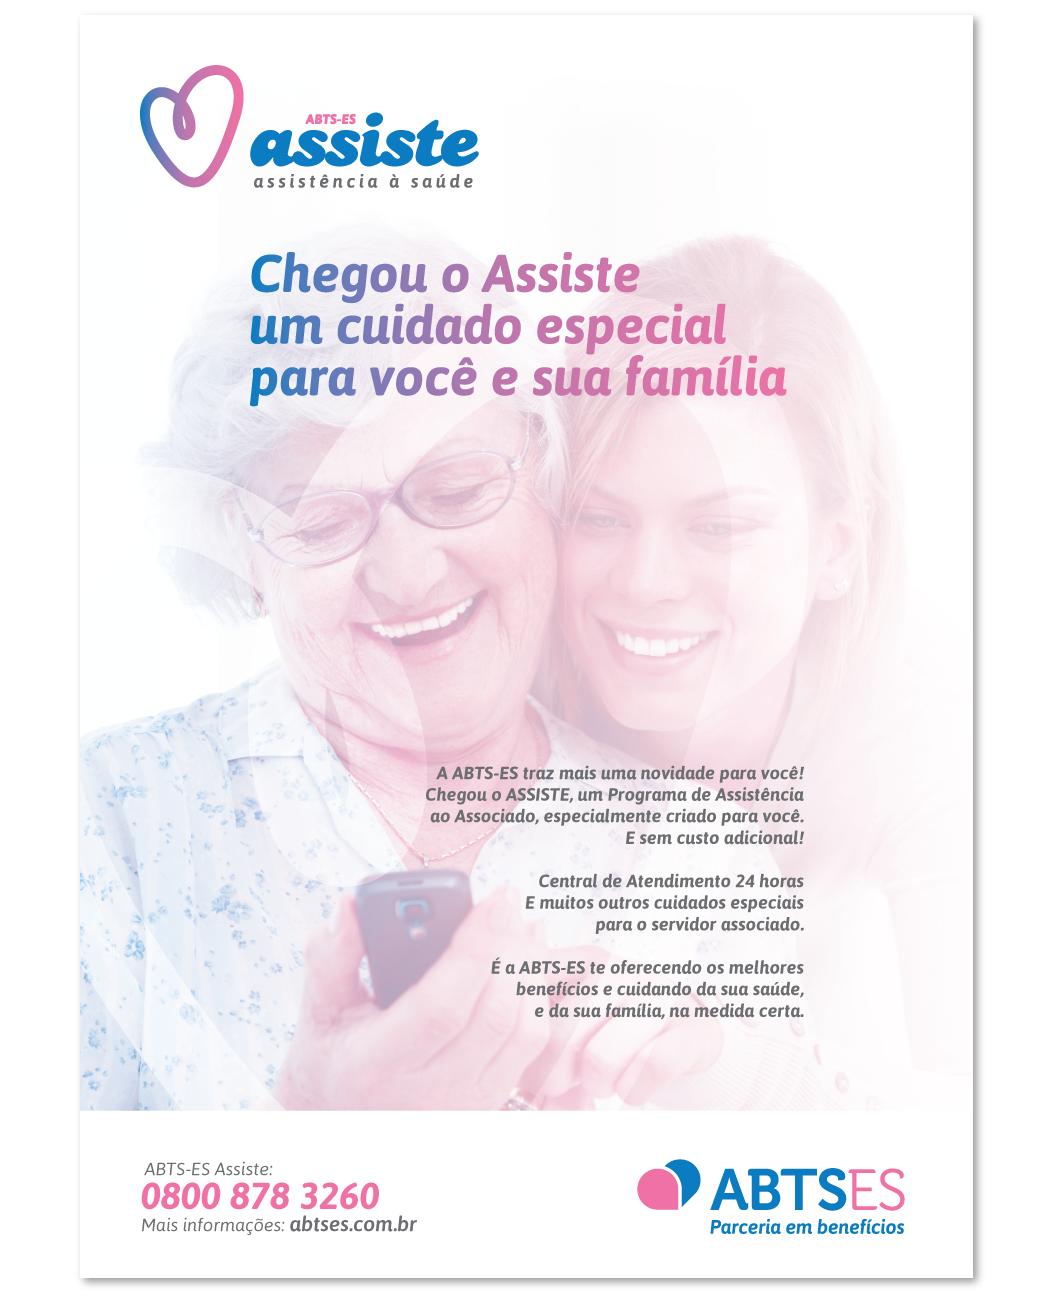 wce-site-novo-2016-portfolio-assiste-img3